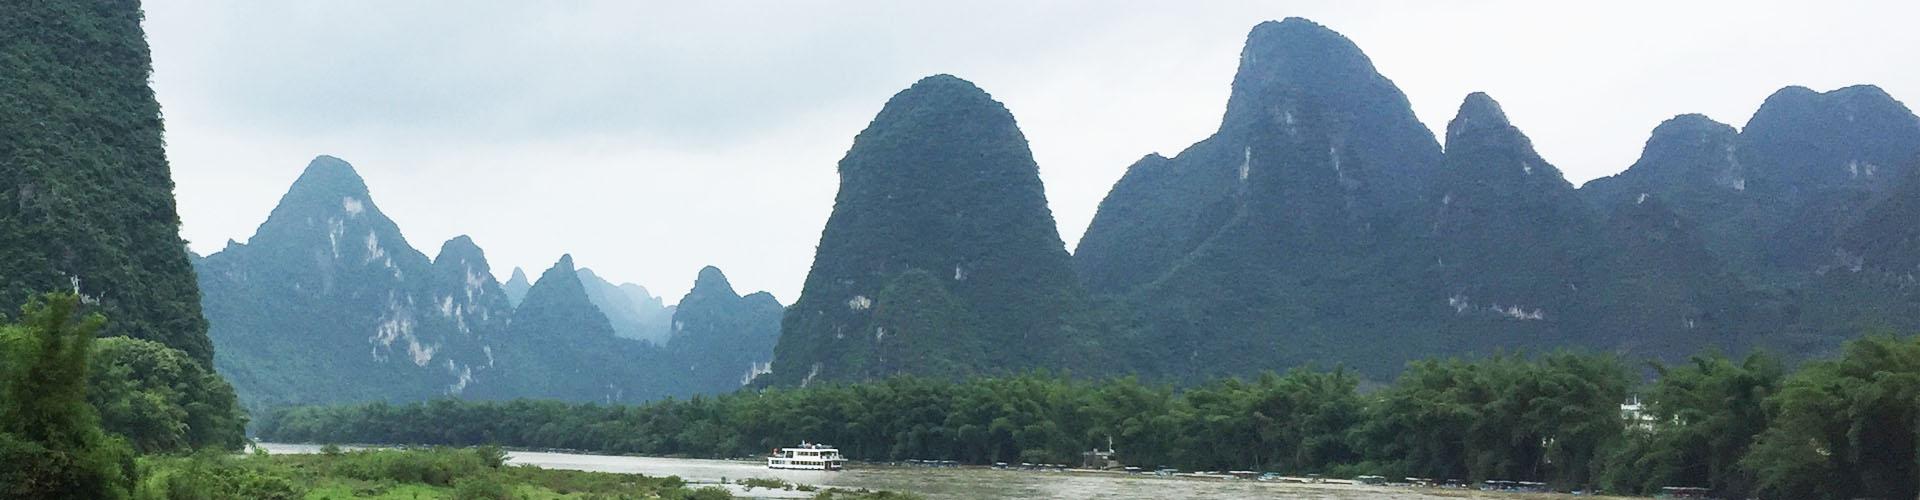 paisaje en Yanghsuo